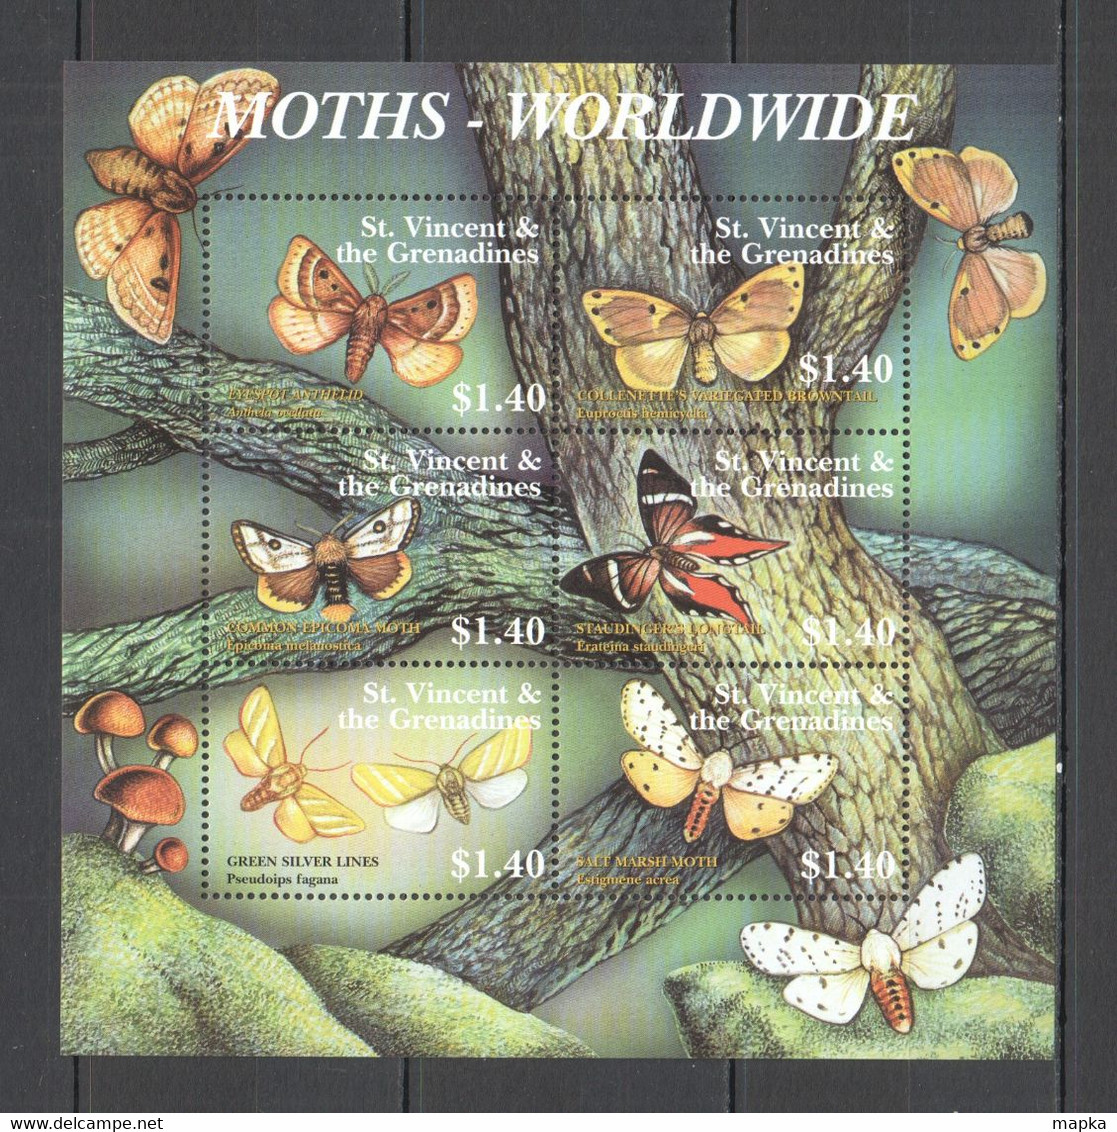 YY004 ST. VINCENT BUTTERFLIES MOTHS WORLDWIDE FLORA & FAUNA KB MNH - Mariposas